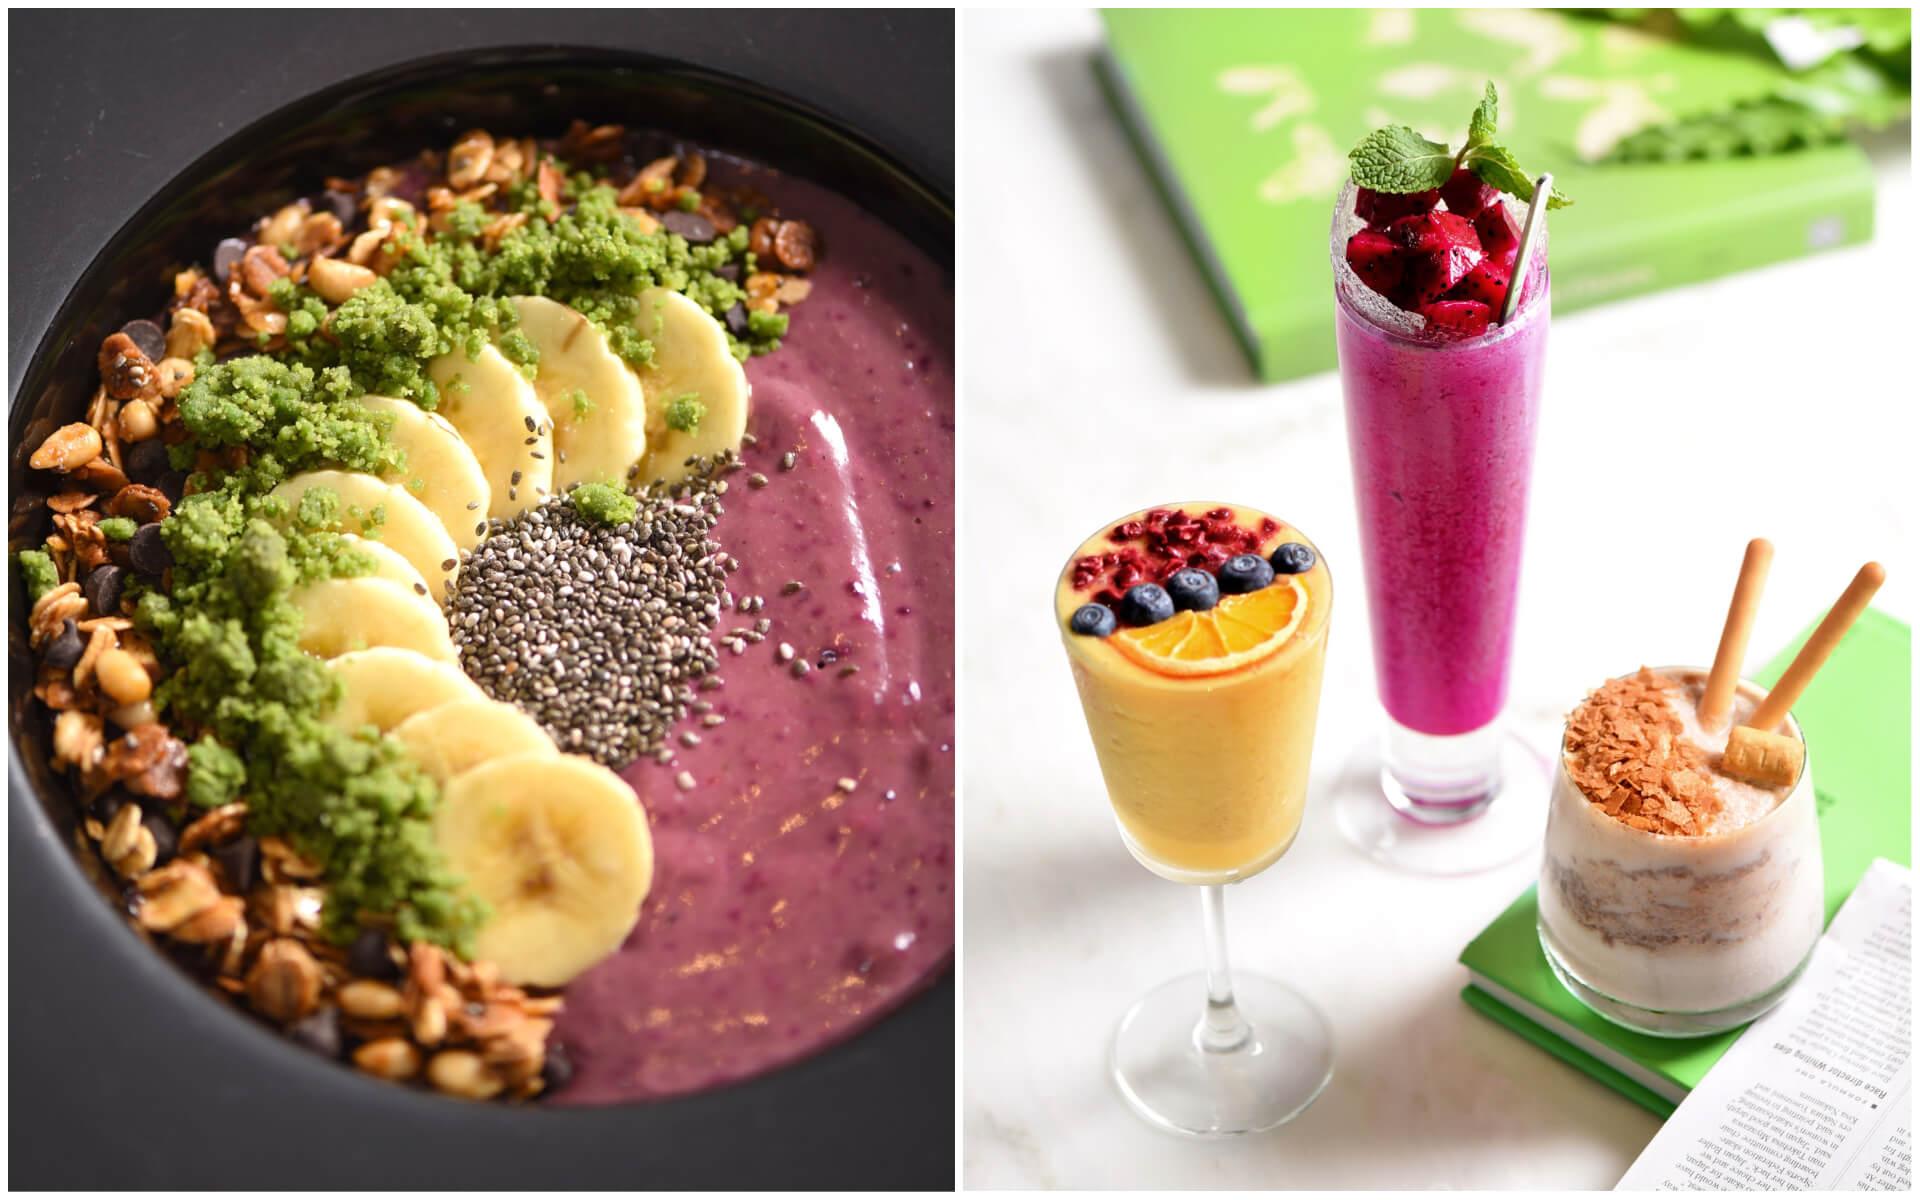 綜合巴西莓果花生盅和三款「GOOD BITES輕食光」活力奶昔。(圖片/台北W飯店提供)